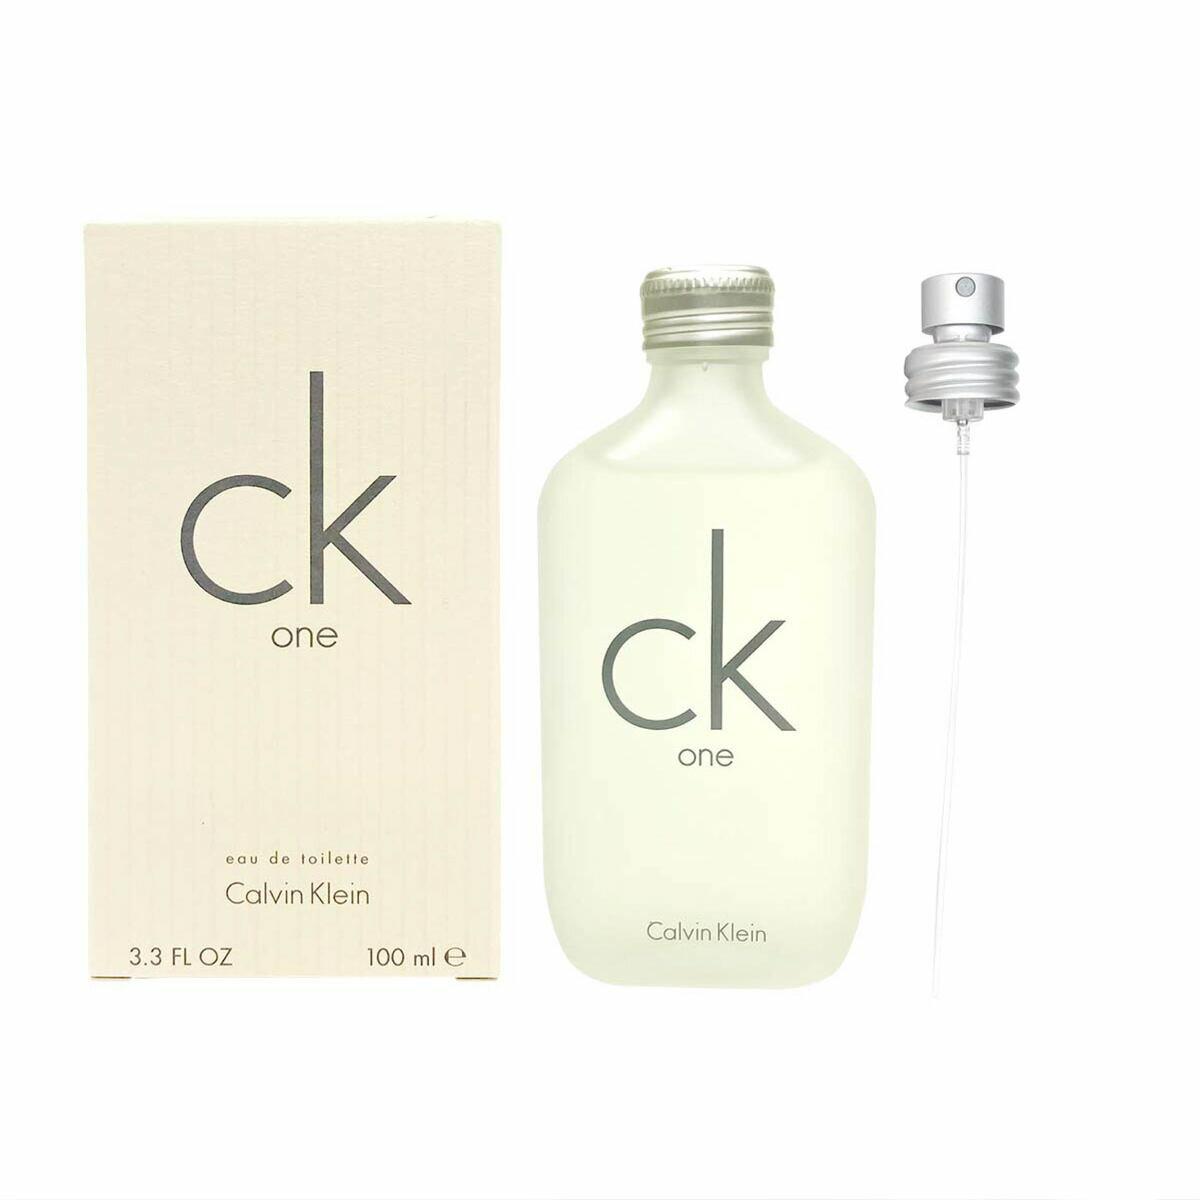 【父の日 プレゼント 早割】【名入れ対応】カルバンクライン 香水 メンズ レディース CK ONE シーケーワン EDT SP 100ml Calvin Klein CK one 正規品 セール あす楽ブランド 新品 新作 2019年 ギフト